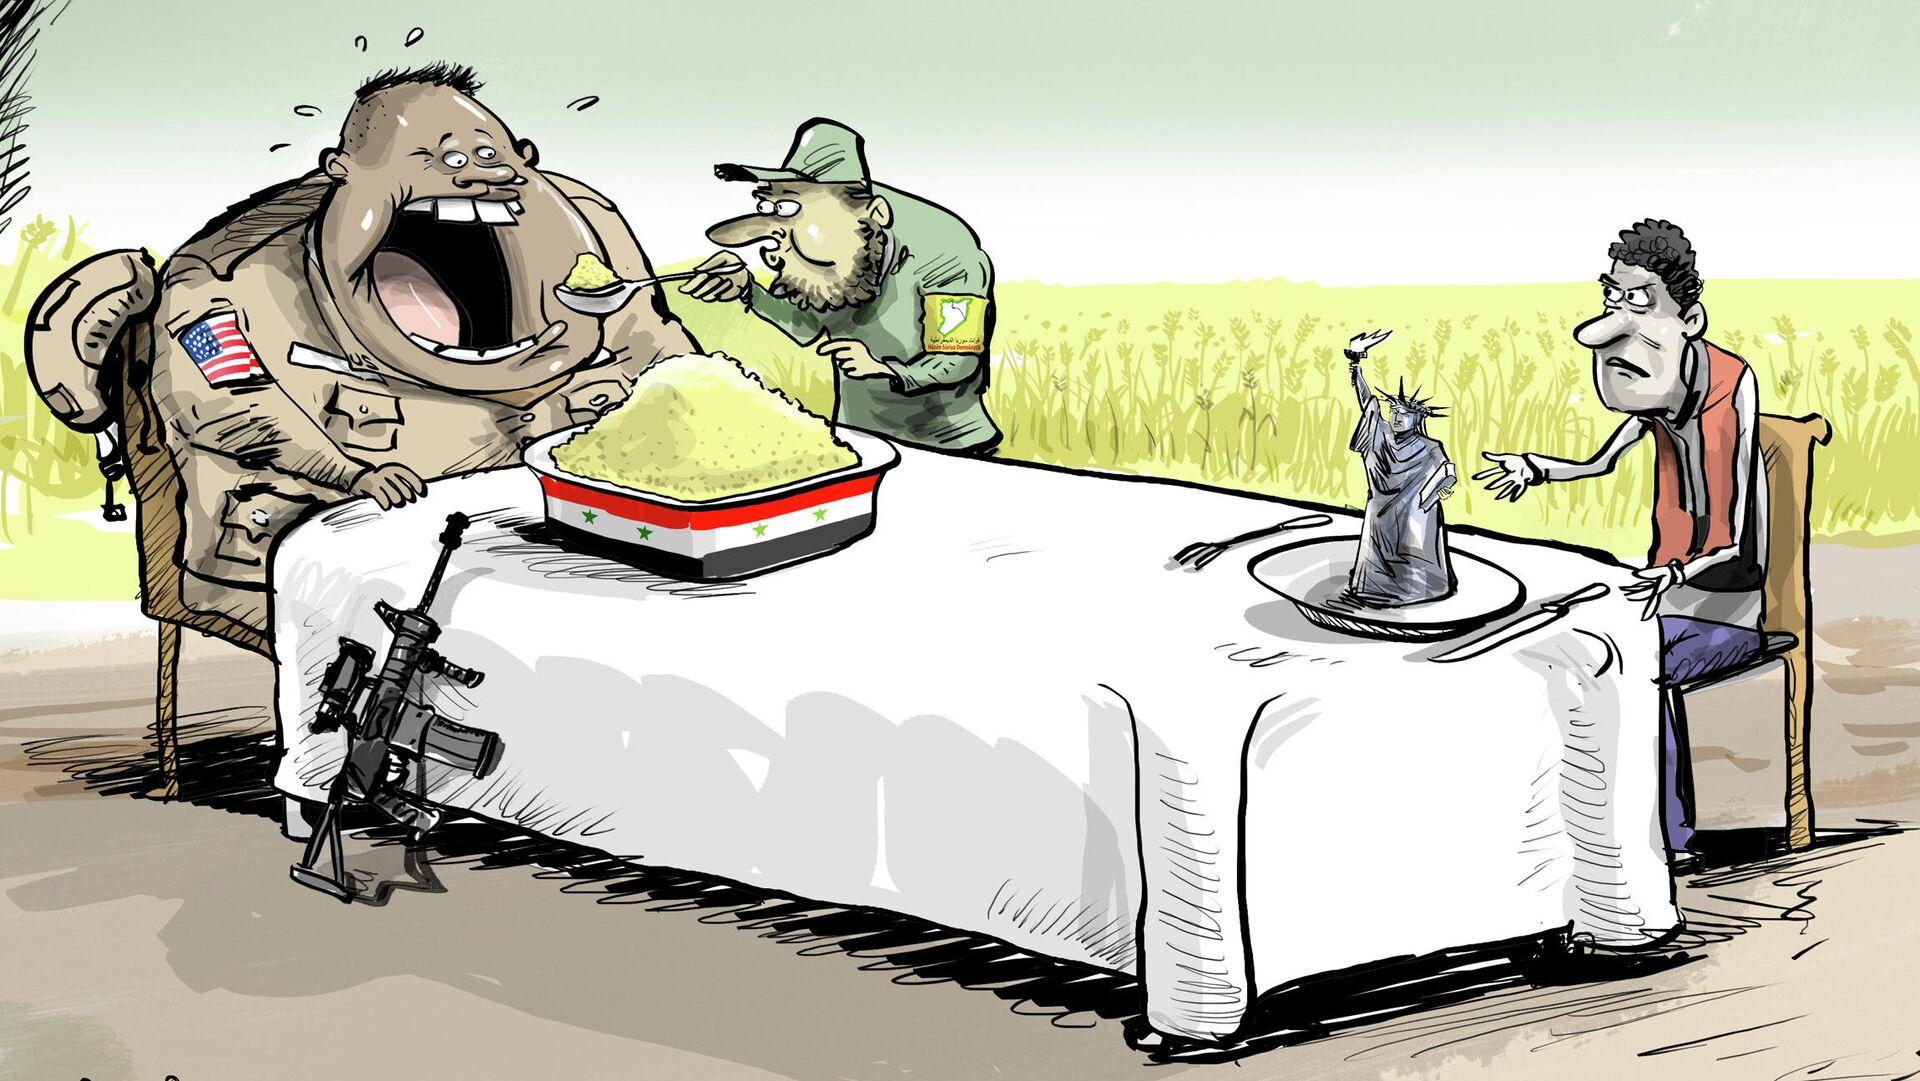 Siria denuncia que los soldados de EEUU roban comida del país y la trasladan a Irak  - Sputnik Mundo, 1920, 02.03.2021